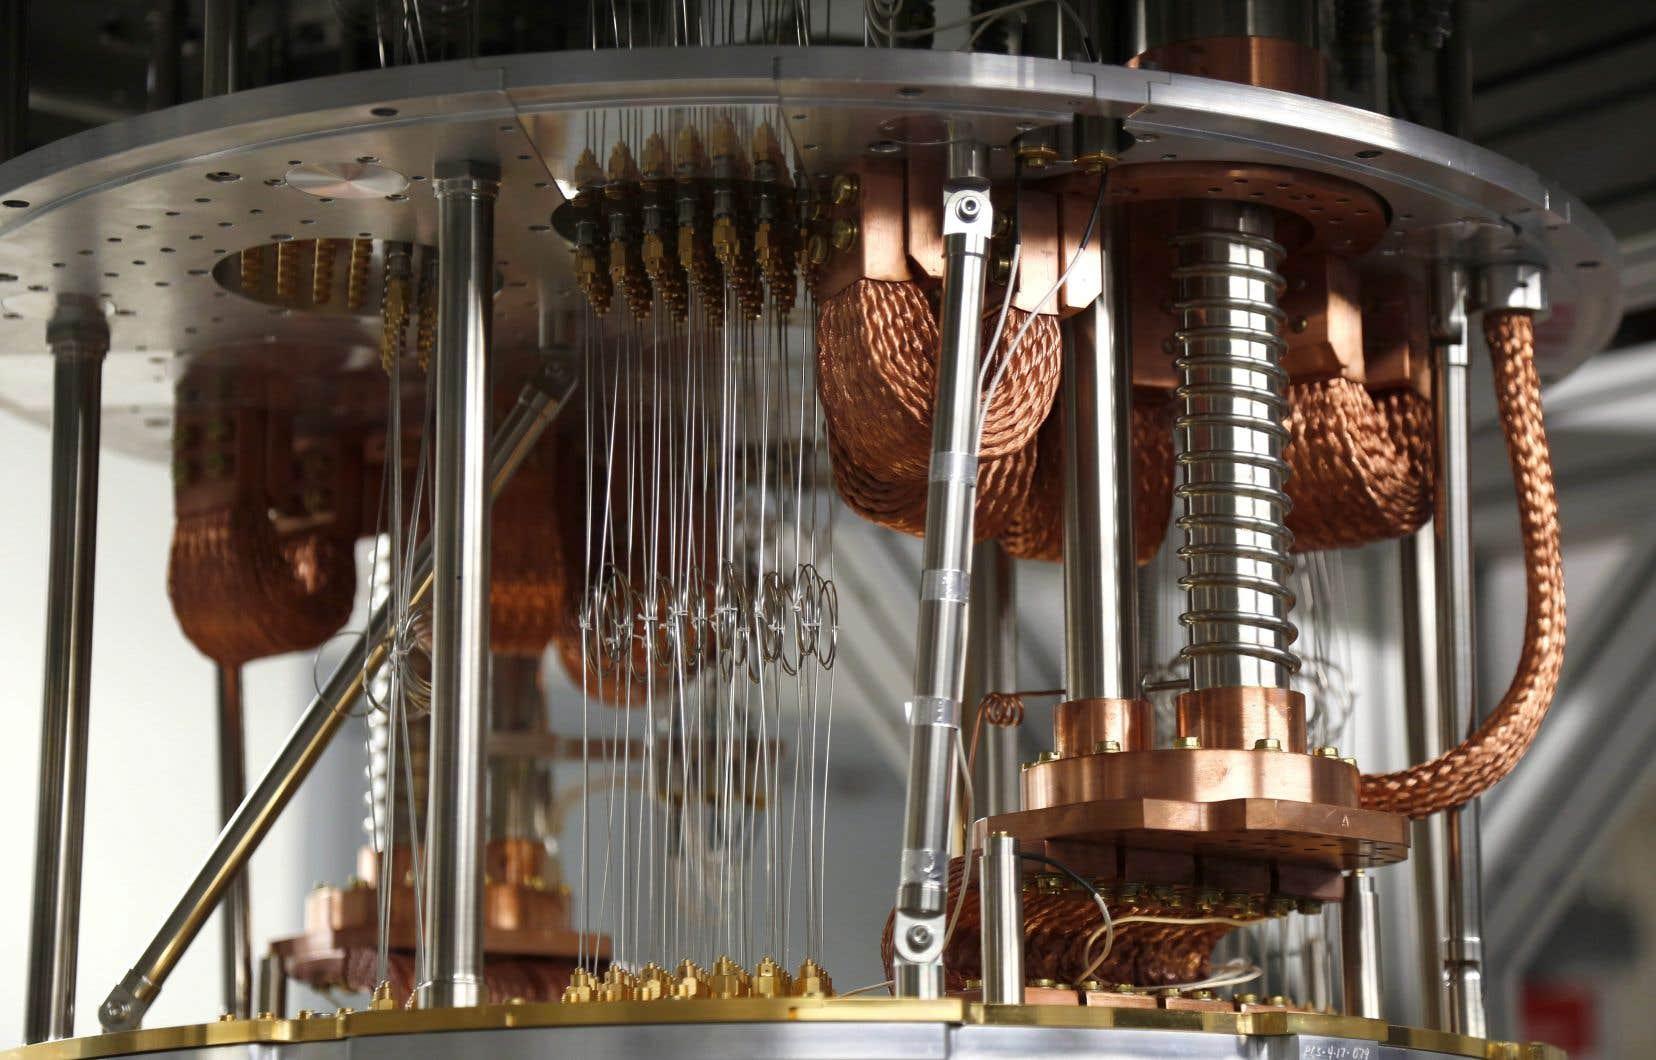 Les premiers ordinateurs quantiques sont environ 10000 fois plus puissants que les ordinateurs traditionnels. Pour bien des industries, cela suffit à rendre gigantesque leur potentiel de transformation.